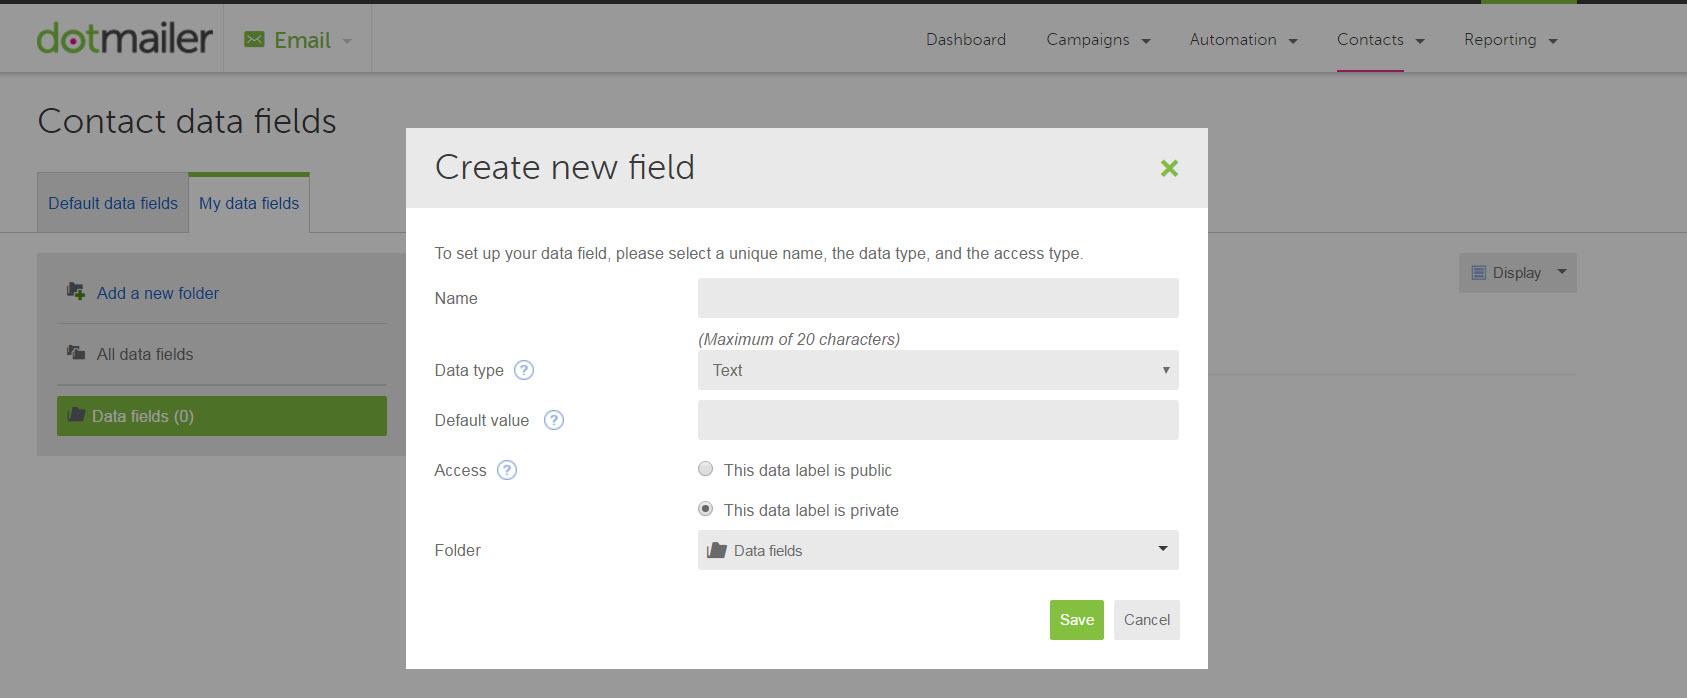 ../../../_images/new_data_fields_create_dt.jpg